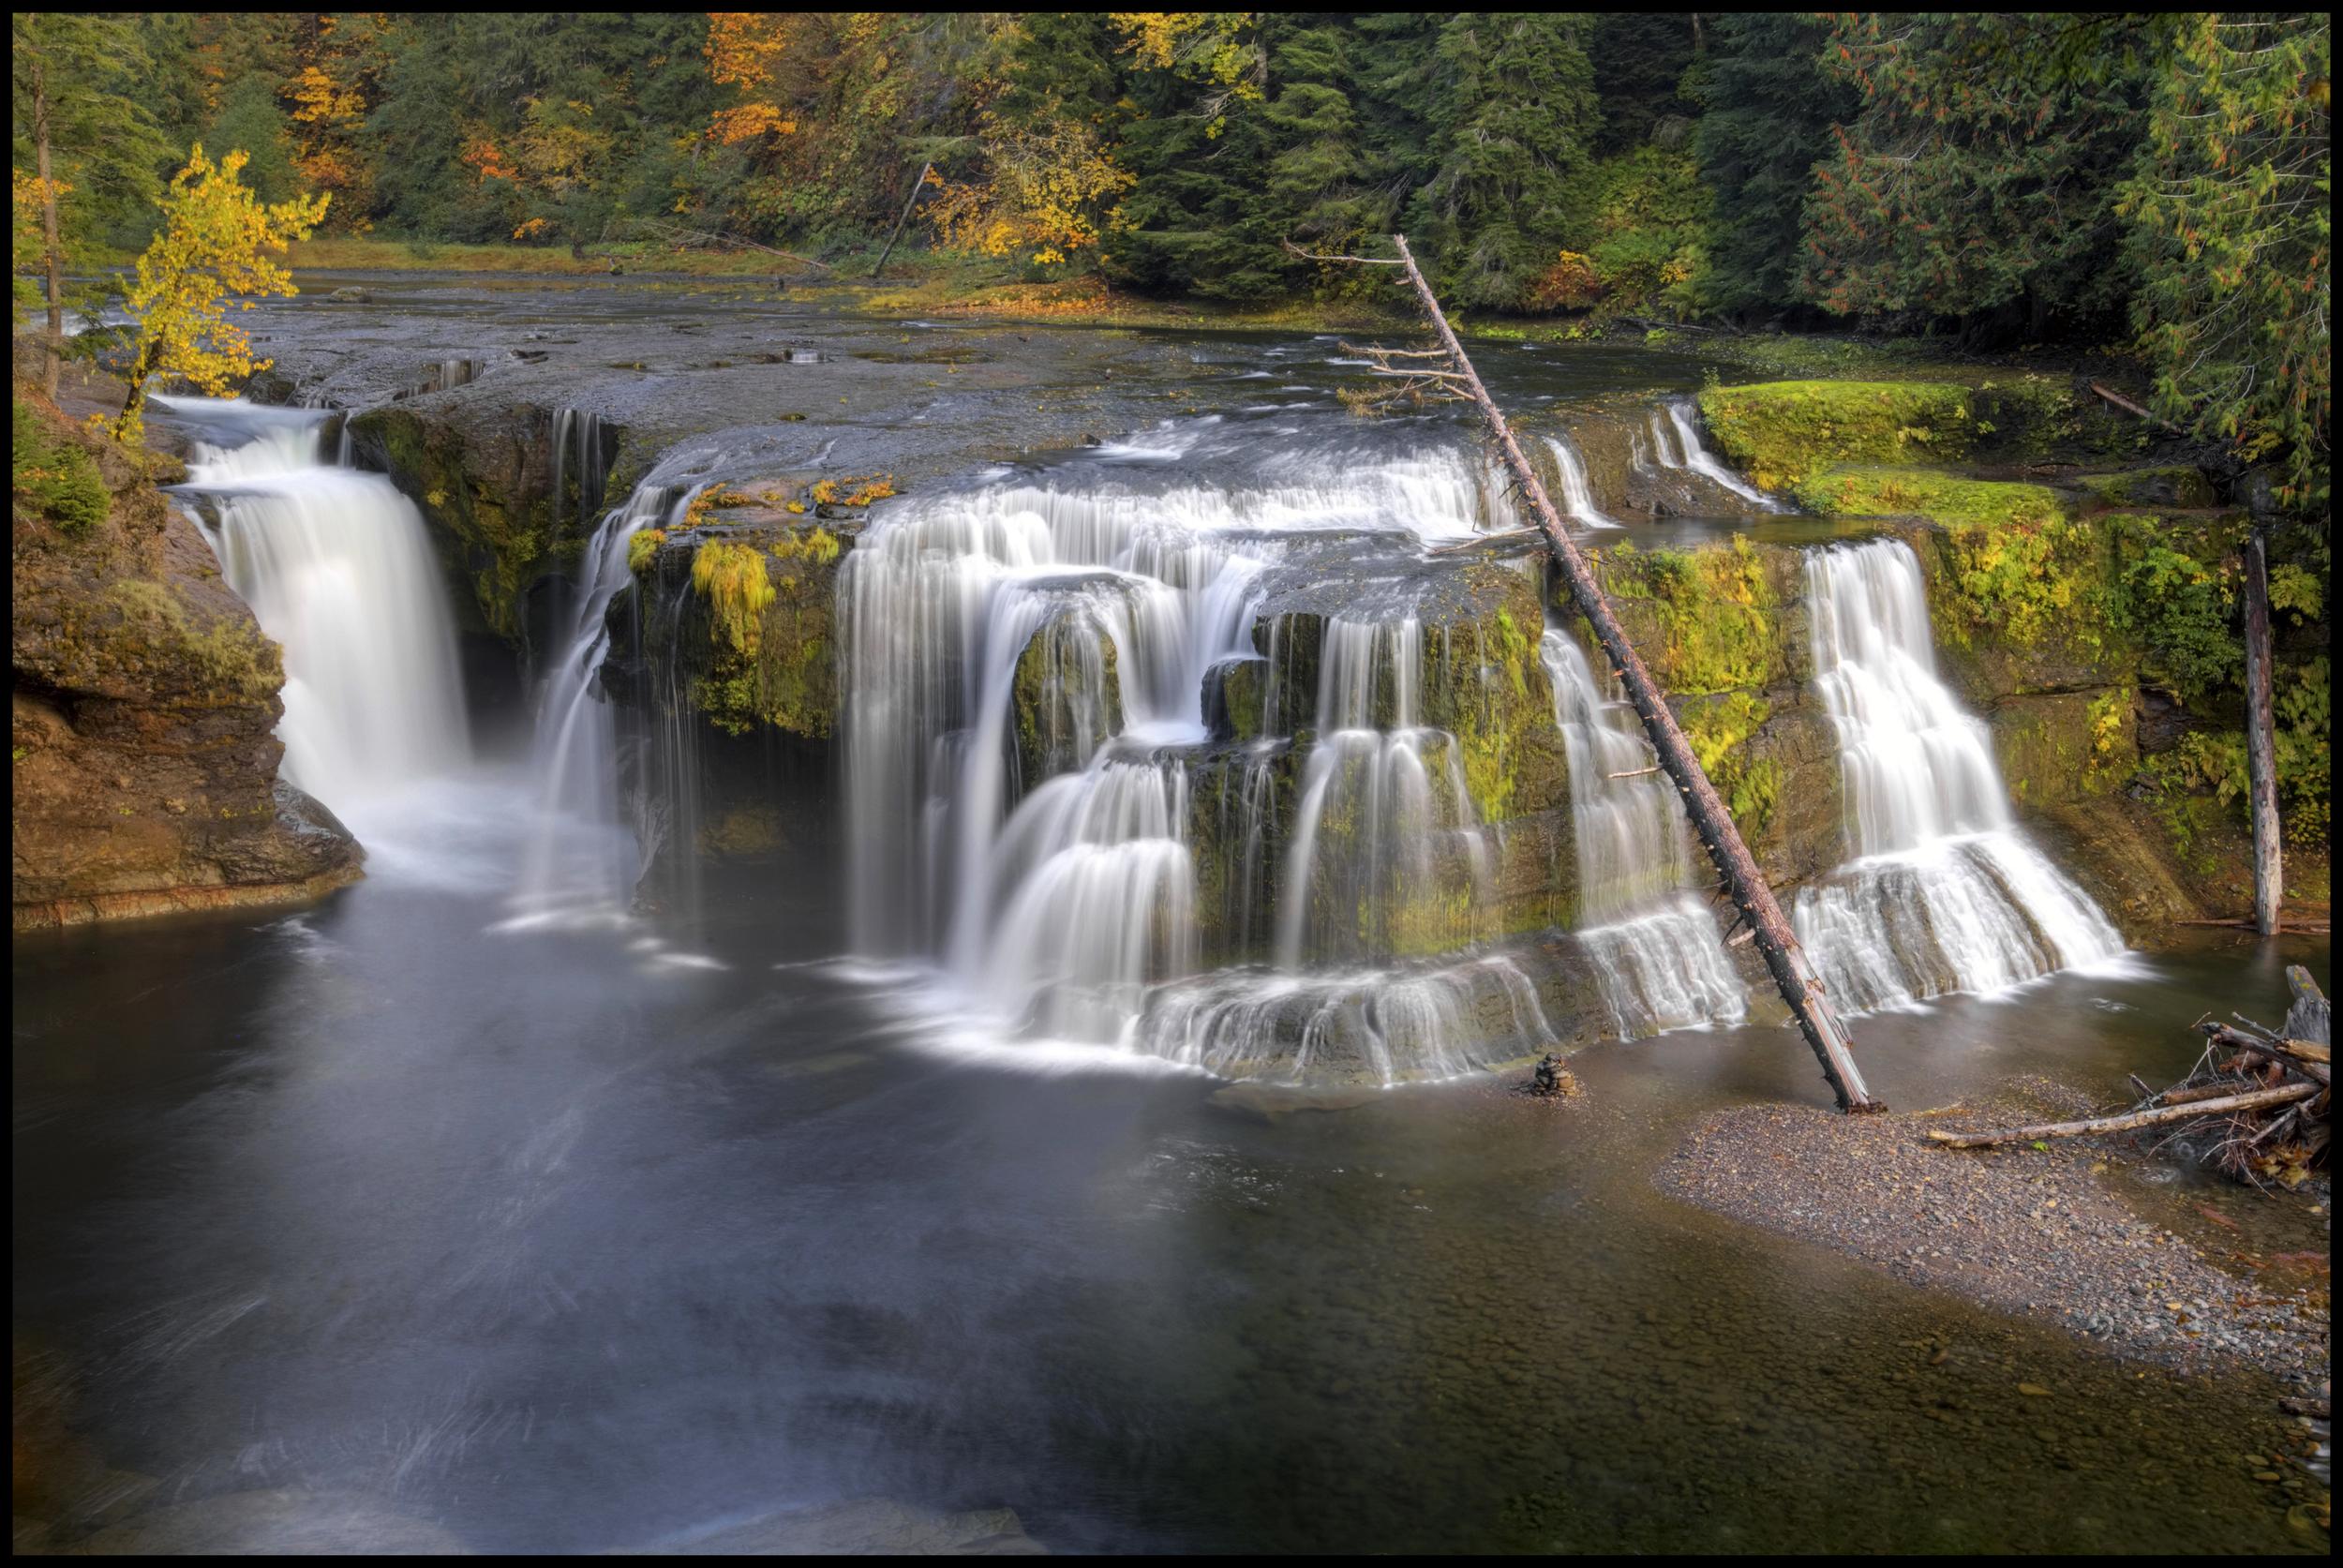 Falls near Mt. Saint Helens, WA